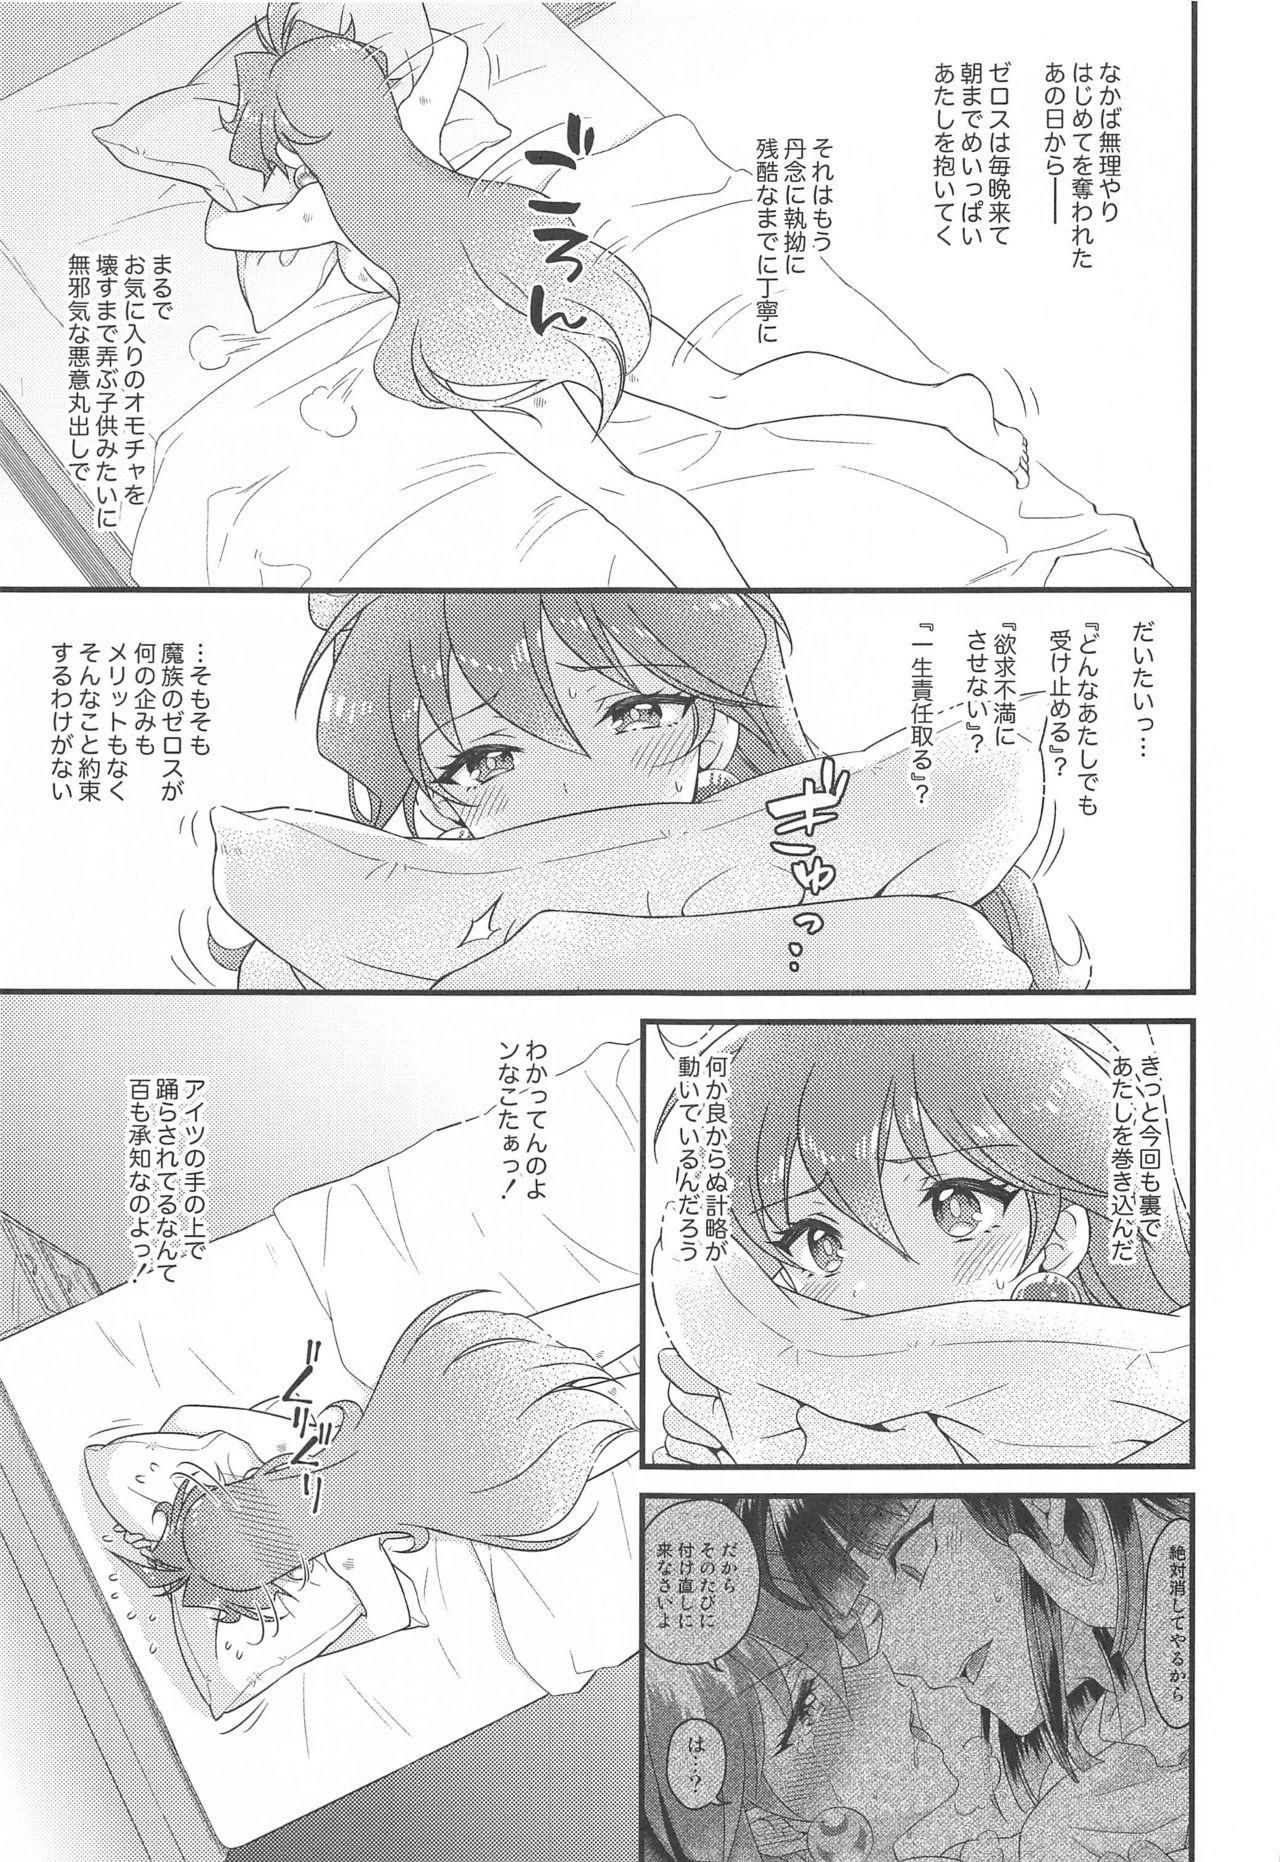 Lina Inverse Juu Shinkan ni NTR Kanochi 3